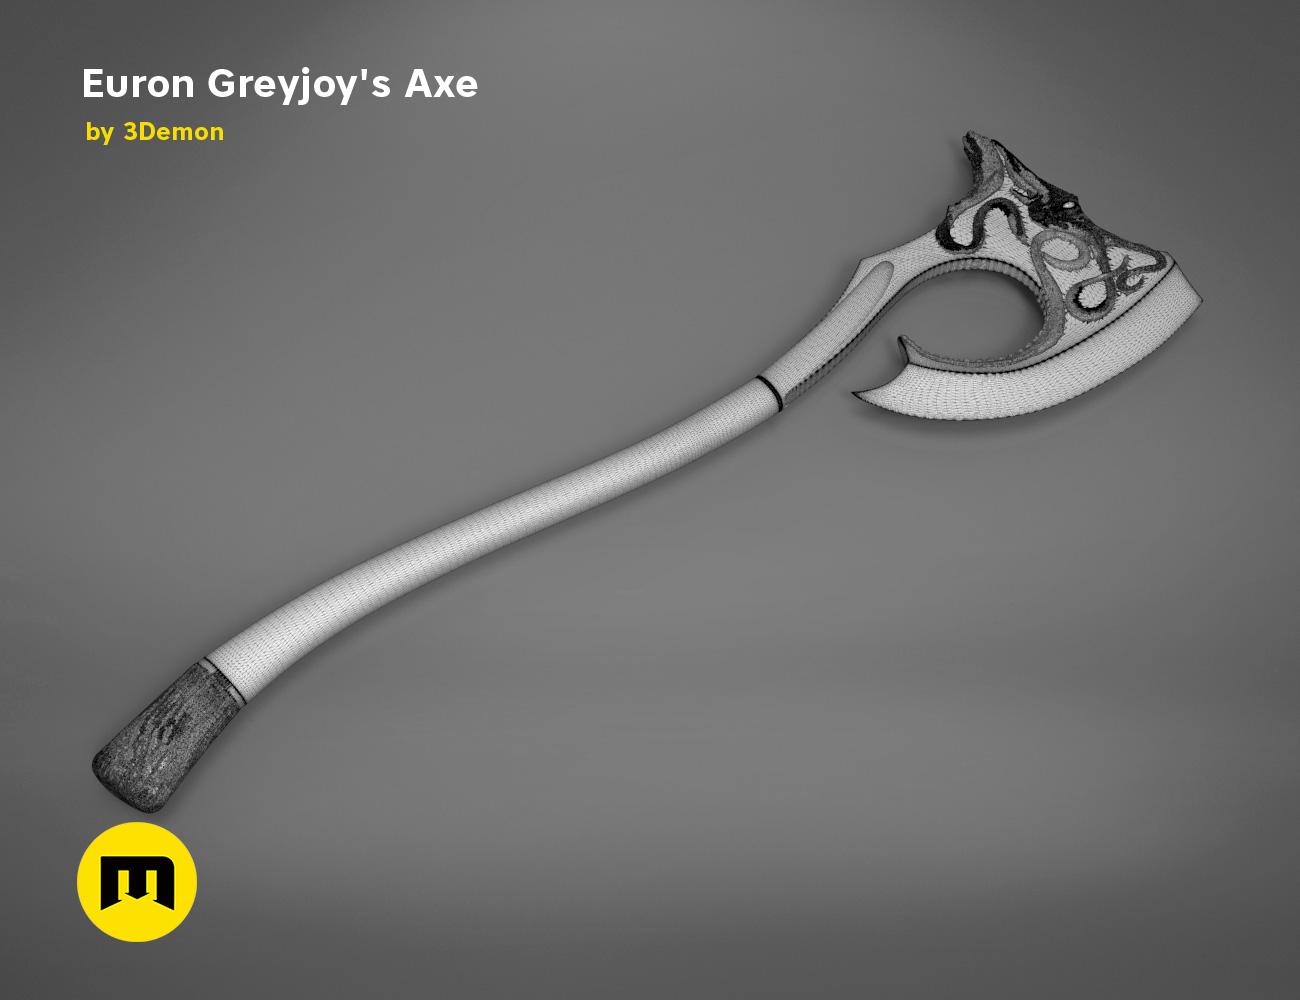 axe-gameofthrones-mesh.986.jpg Download OBJ file Euron Greyjoy's Axe • 3D printable object, 3D-mon